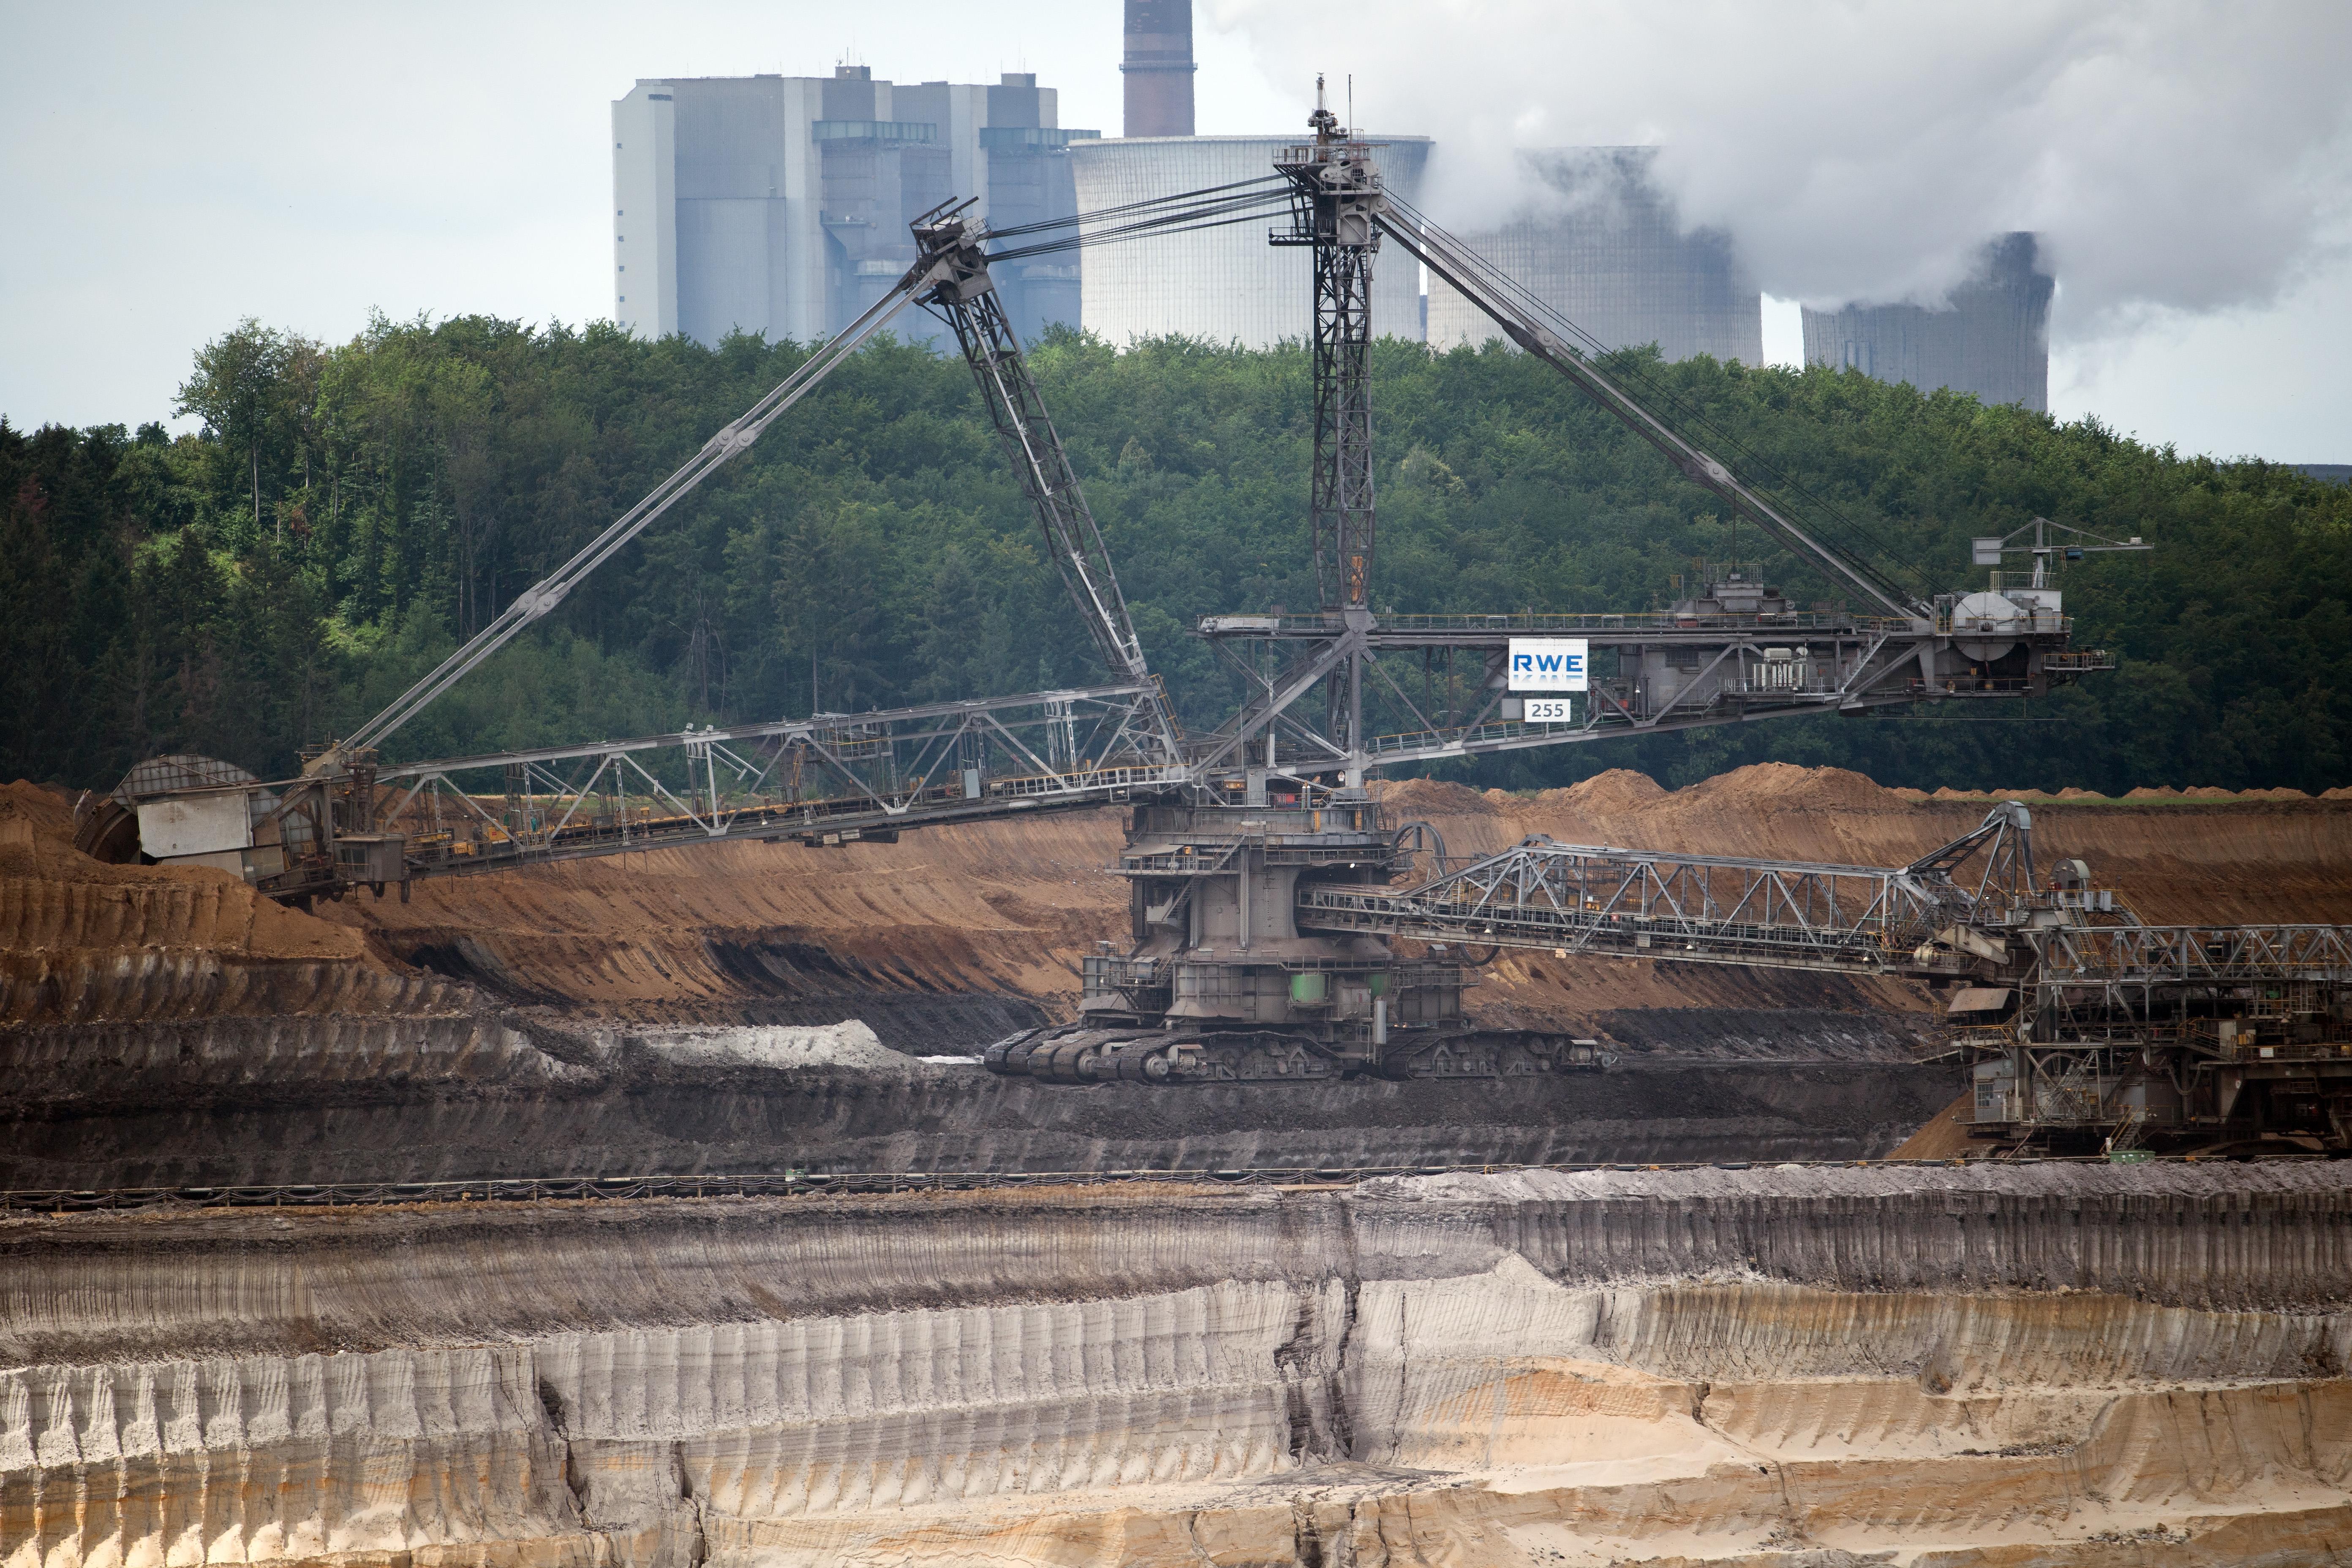 Németország 2038-ig leállítja szénerőműveit